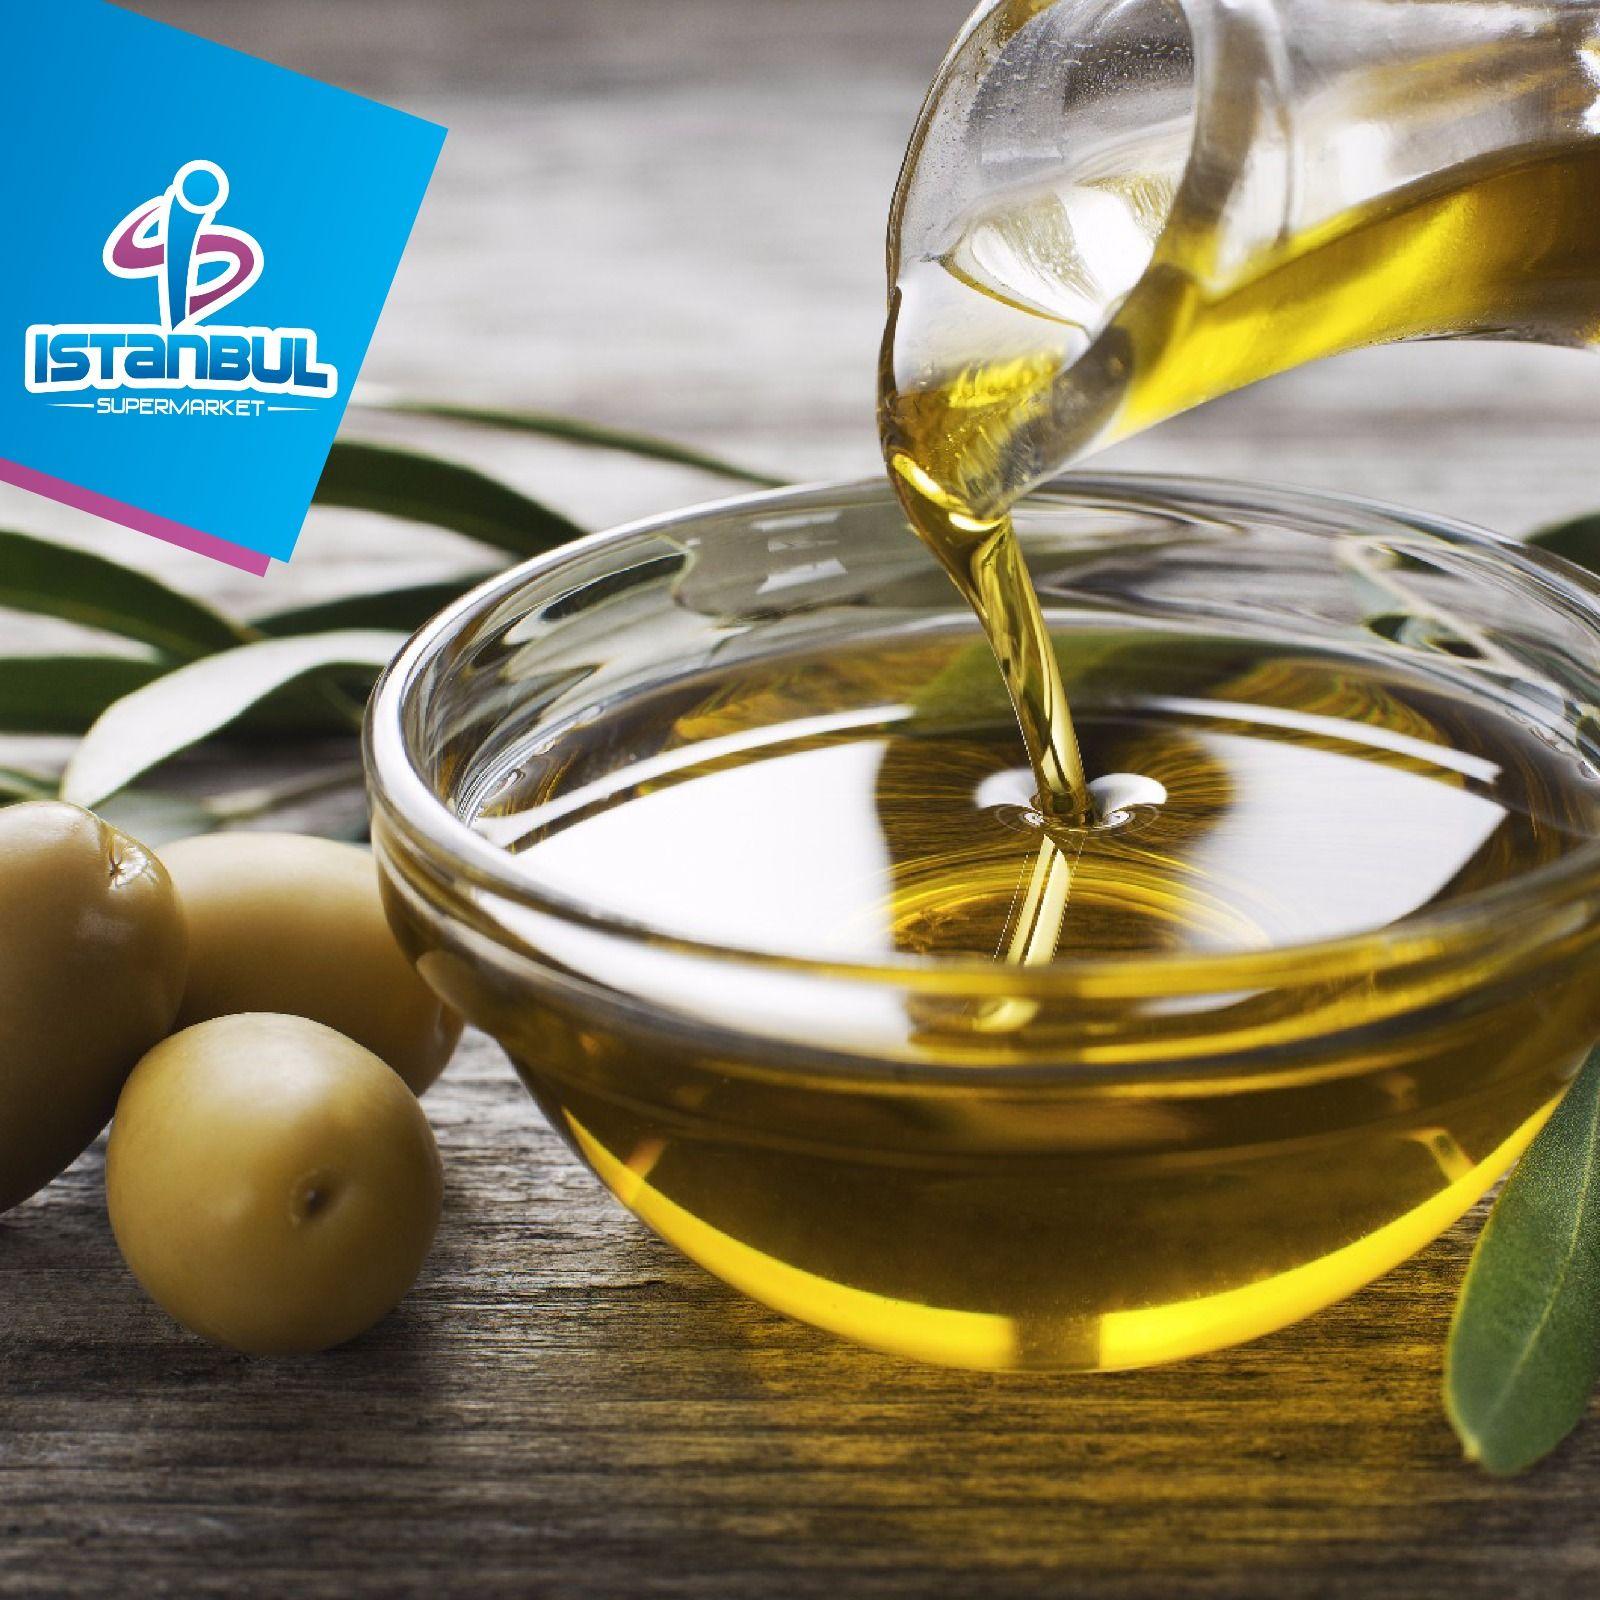 لزيت الزيتون فوائد كثيرة حيث تحتوي على البروتينات المغذية للشعر سواءا لو إستخدمنا زيت الز يتون في الأكل منه أو في Olive Oil Benefits Cooking Oils Olive Oil